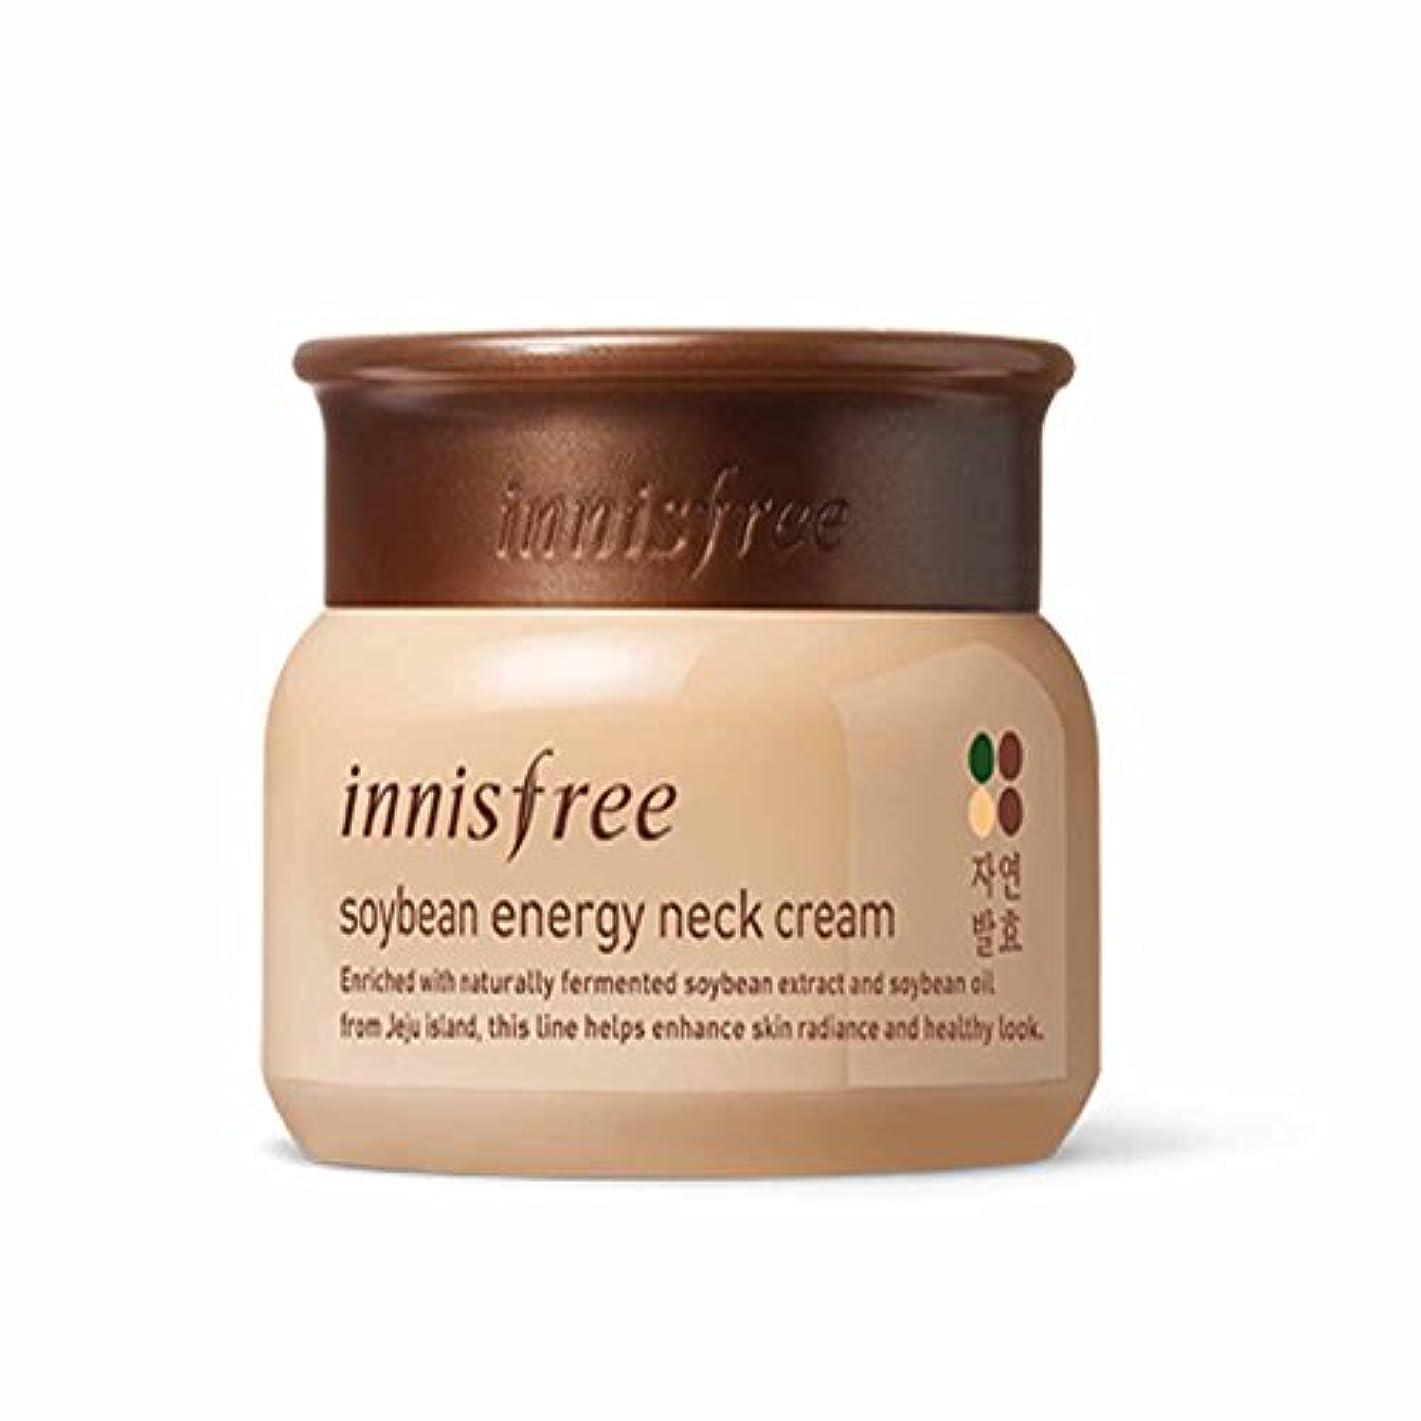 インストールもし成り立つイニスフリーソーイングエナジーネッククリーム80ml / Innisfree Soybean Energy Neck Cream 80ml[海外直送品] [並行輸入品]